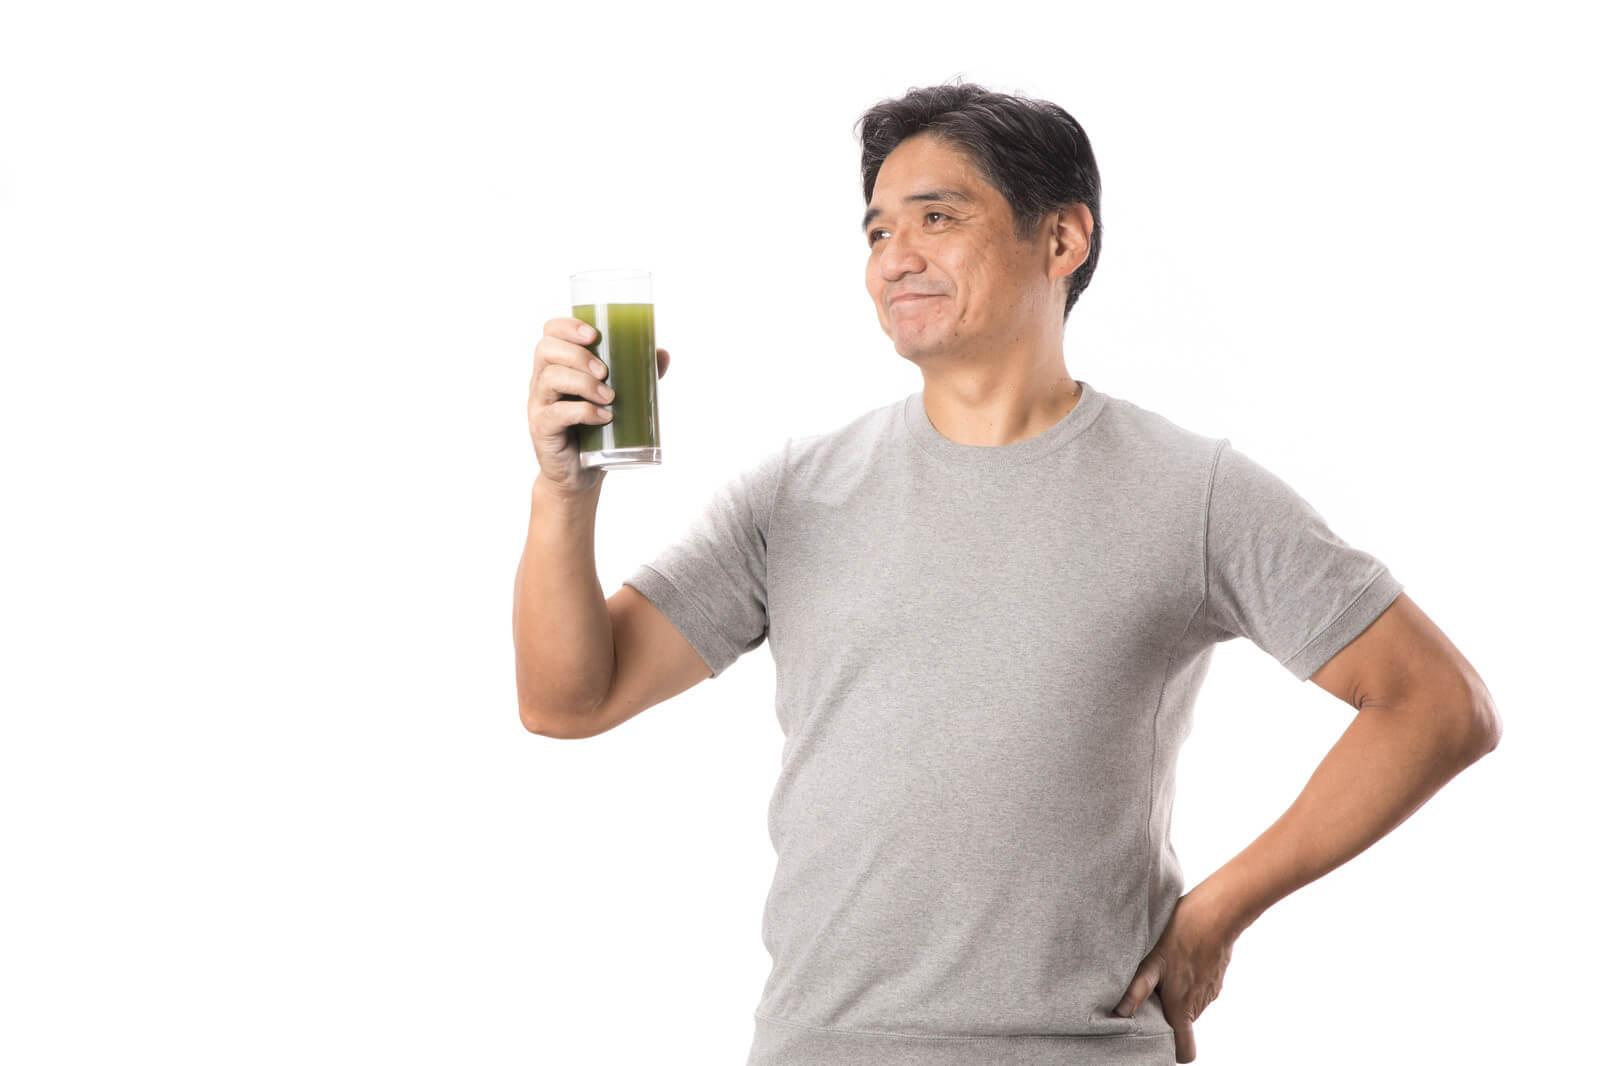 血液をサラサラにする栄養素は意外と食べ物や飲み物に含まれている